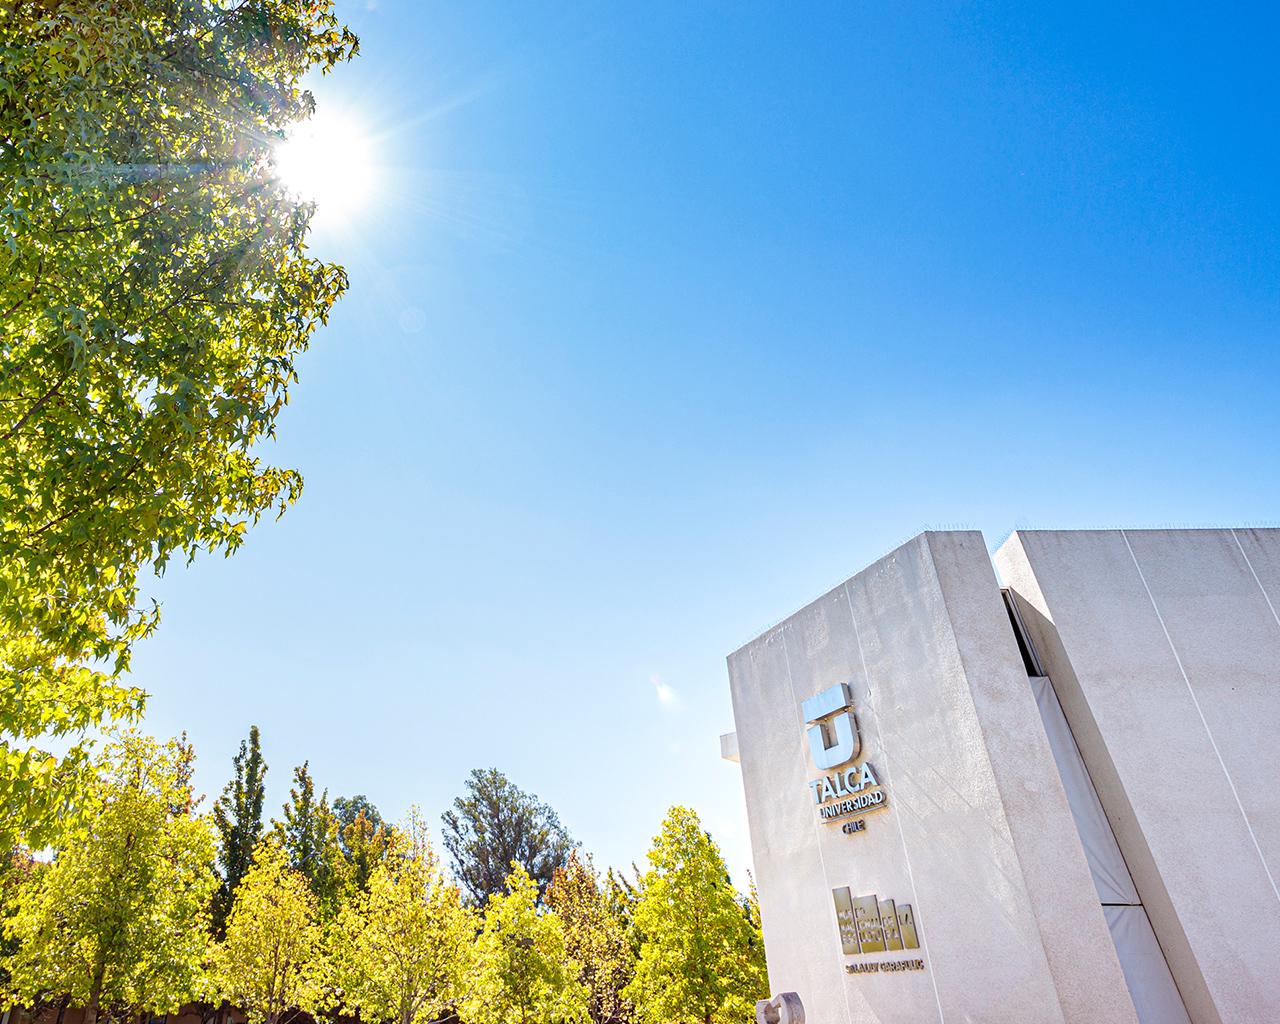 Consejo Académico extendió hasta el 30 de abril jornada de teletrabajo